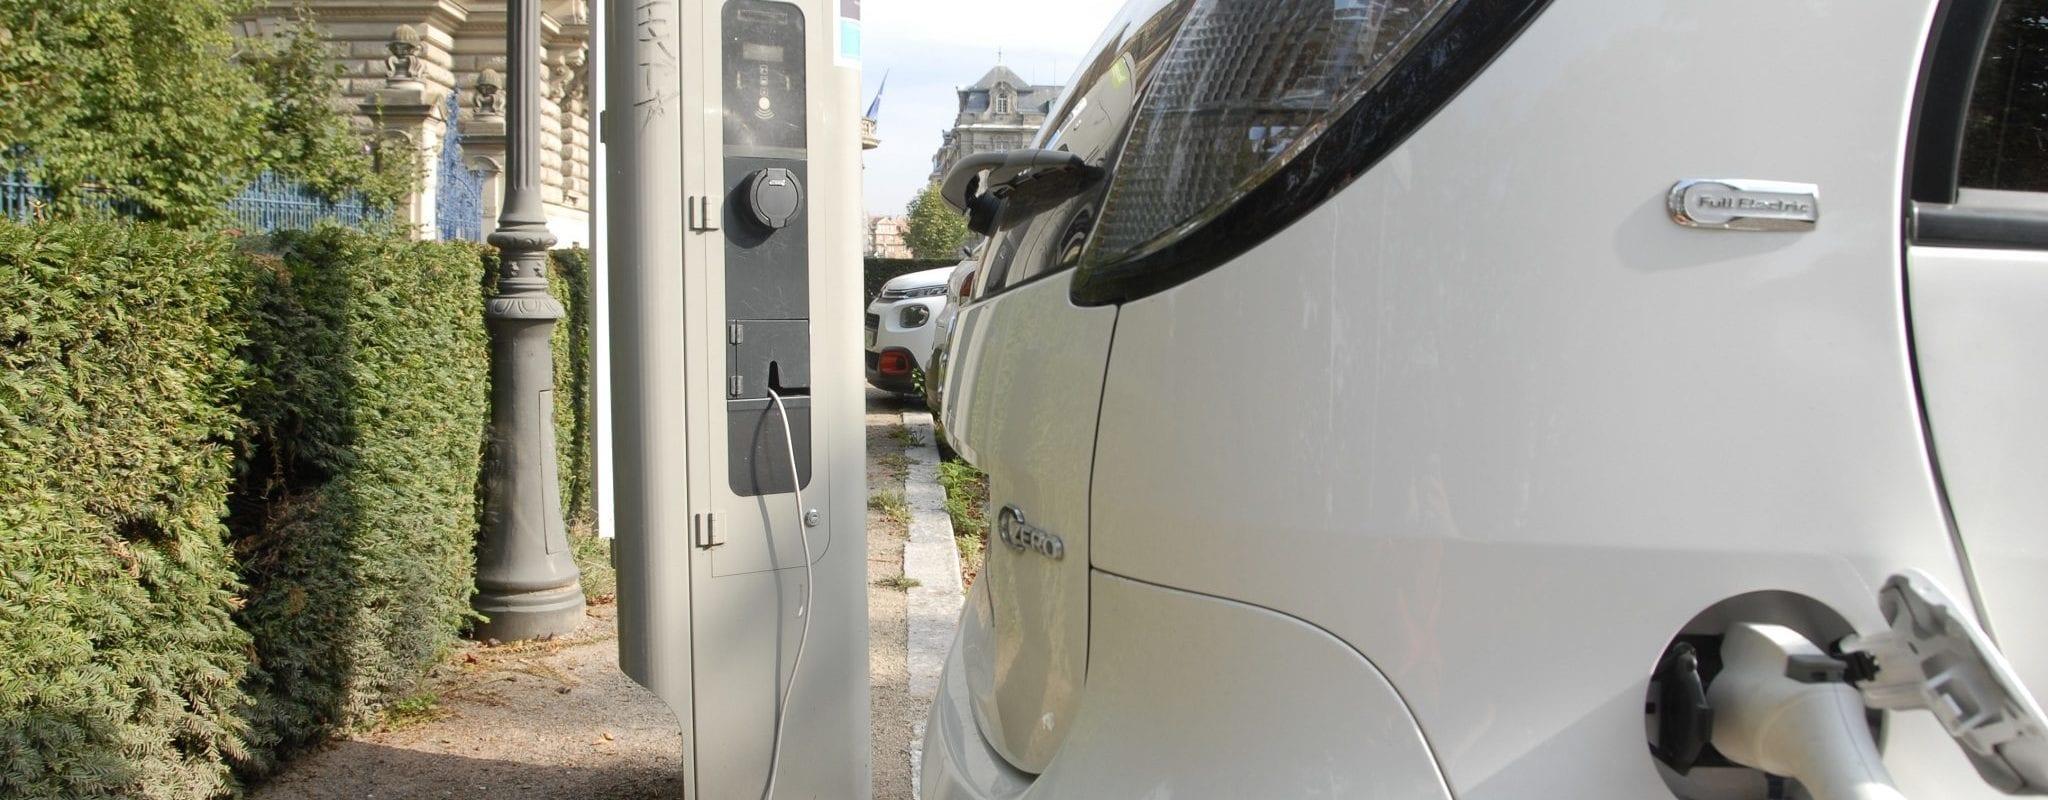 Engie et Freshmile chargées d'installer les bornes pour voitures électriques après le raté de 2018